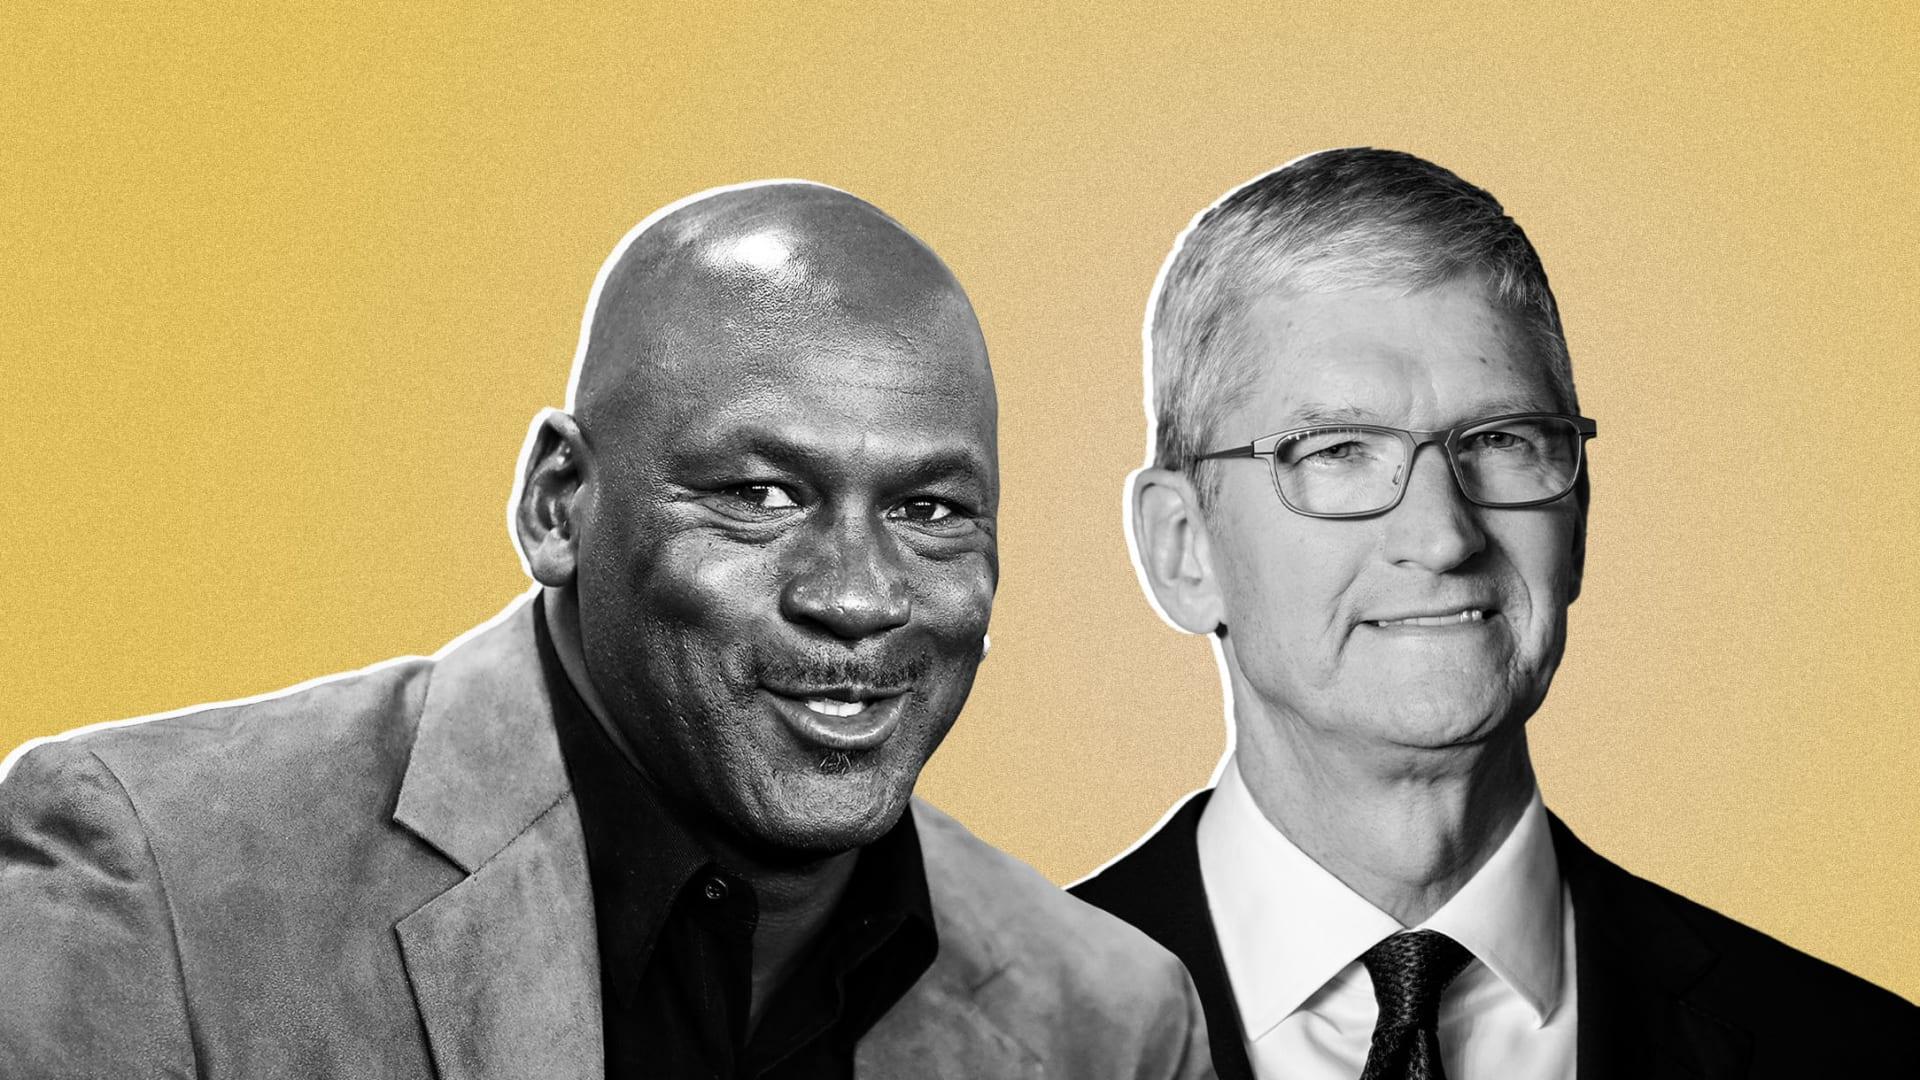 Michael Jordan and Tim Cook.